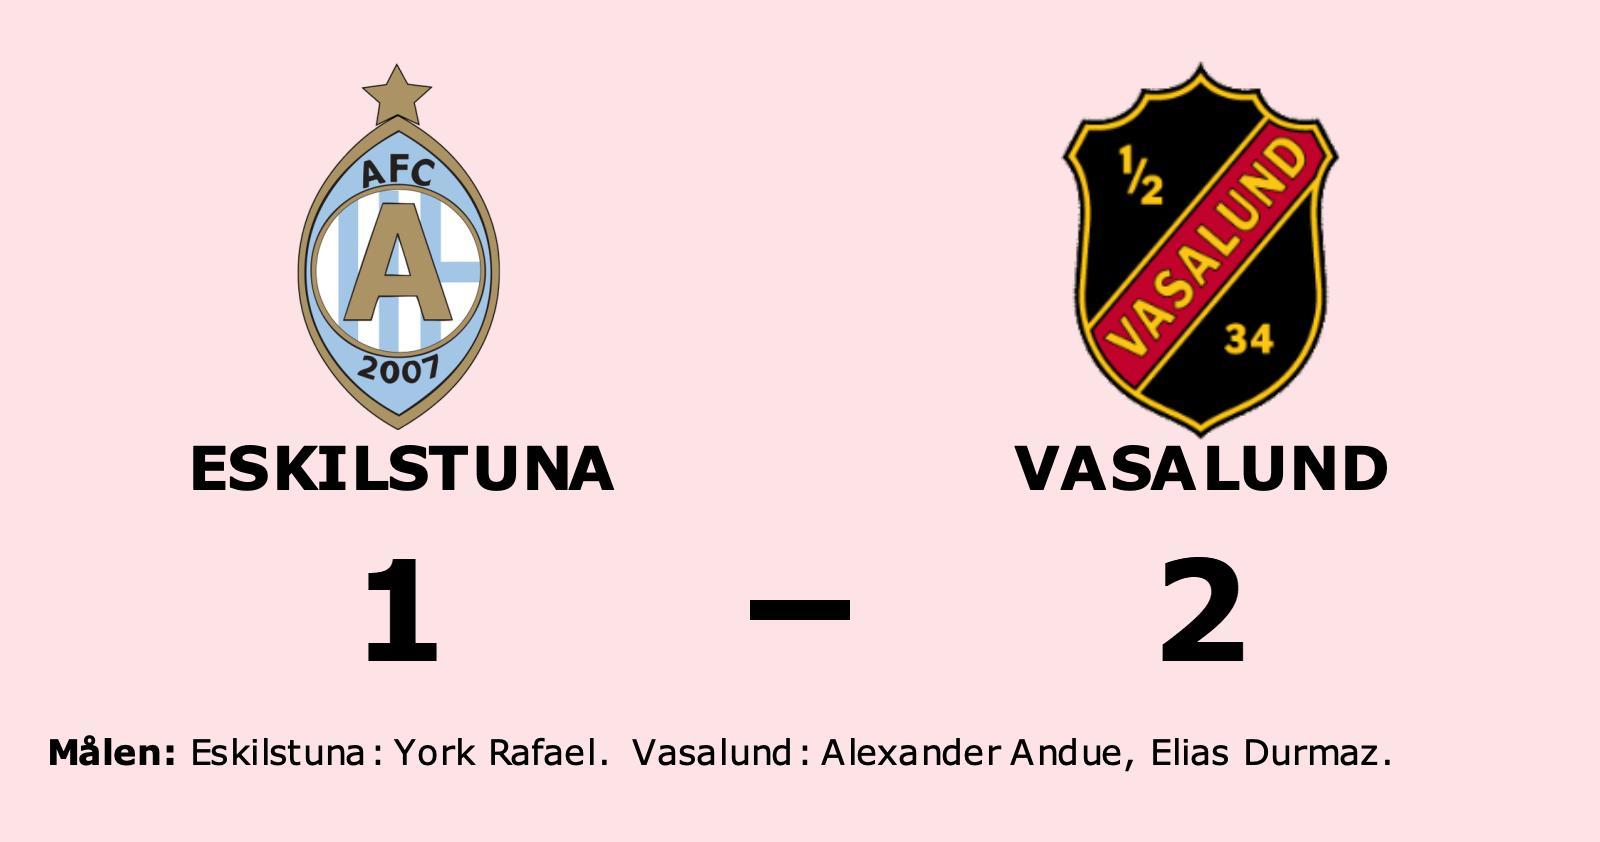 Andue och Durmaz fixade Vasalunds vändning